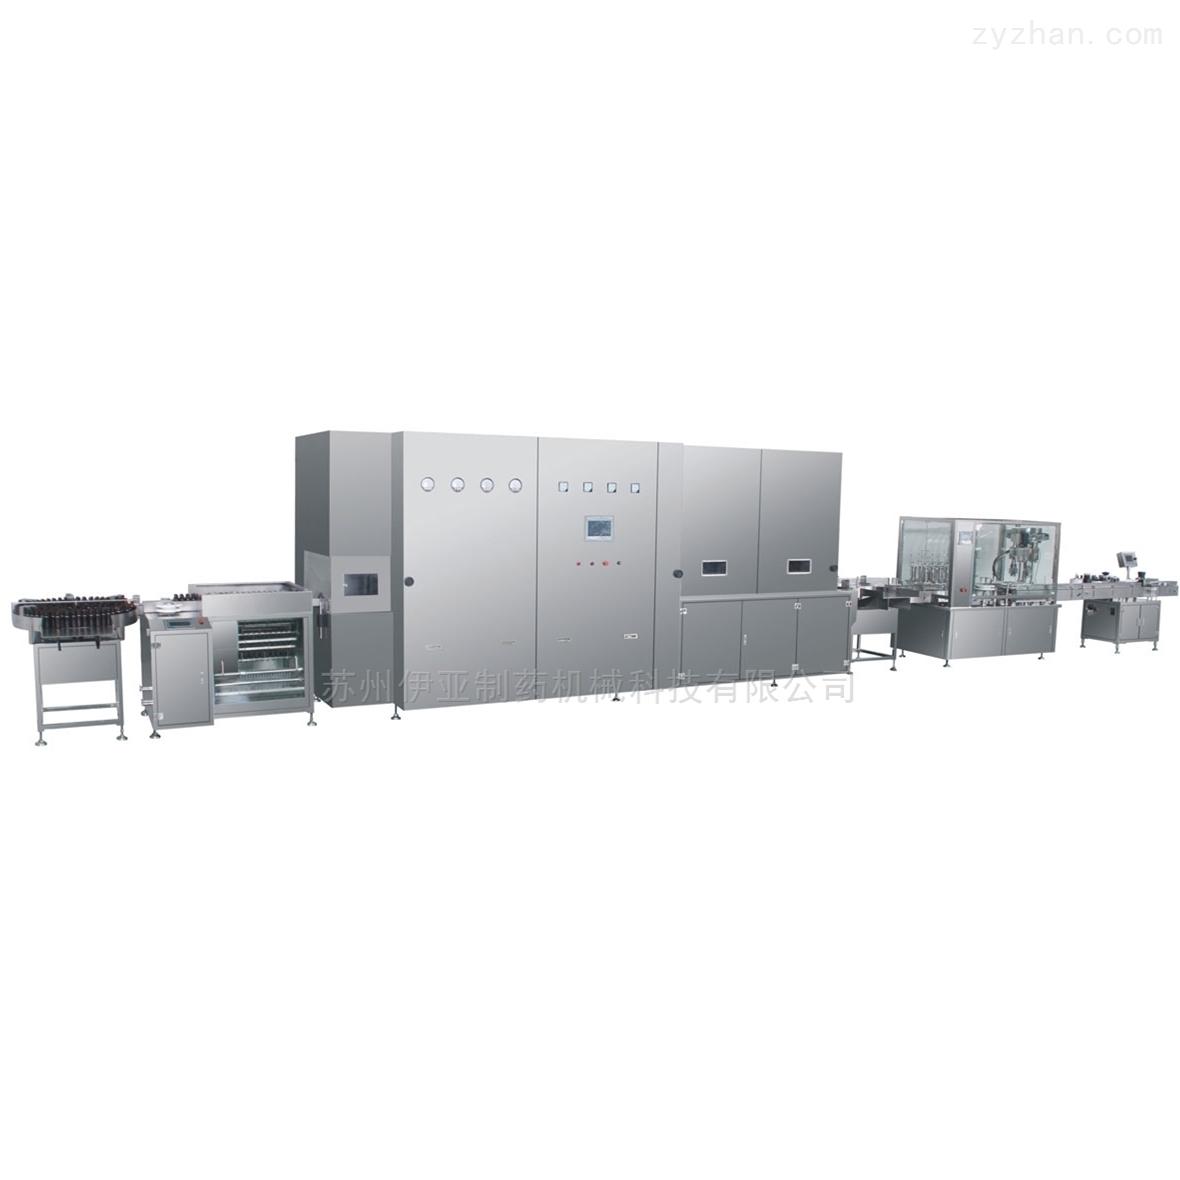 灌装生产线设备定制参数